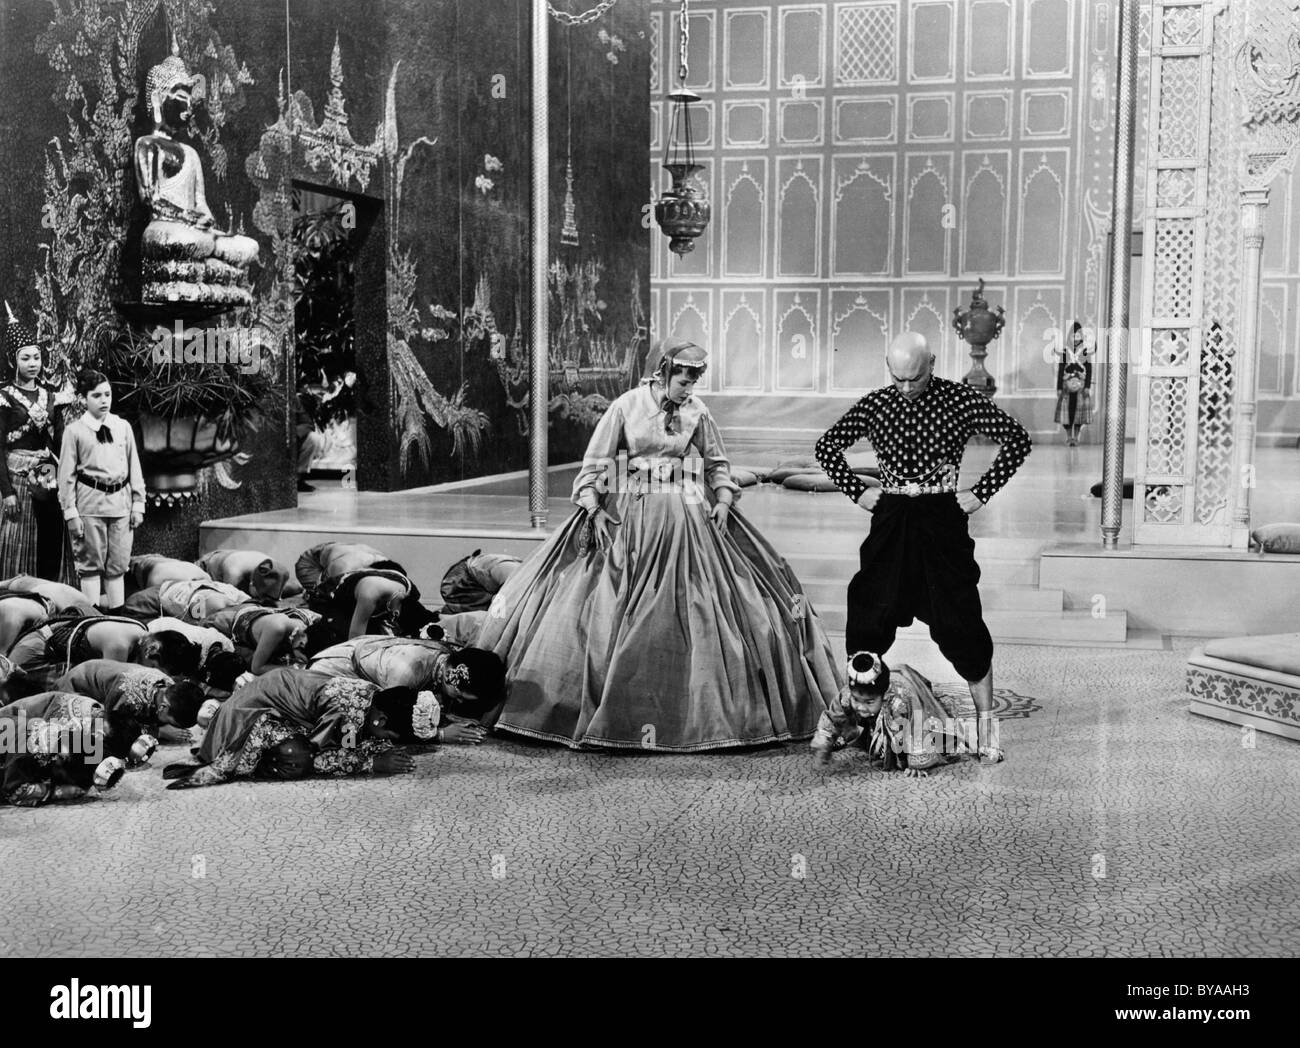 The King and I Year : 1956 USA Director : Walter Lang Deborah Kerr, Yul Brynner - Stock Image